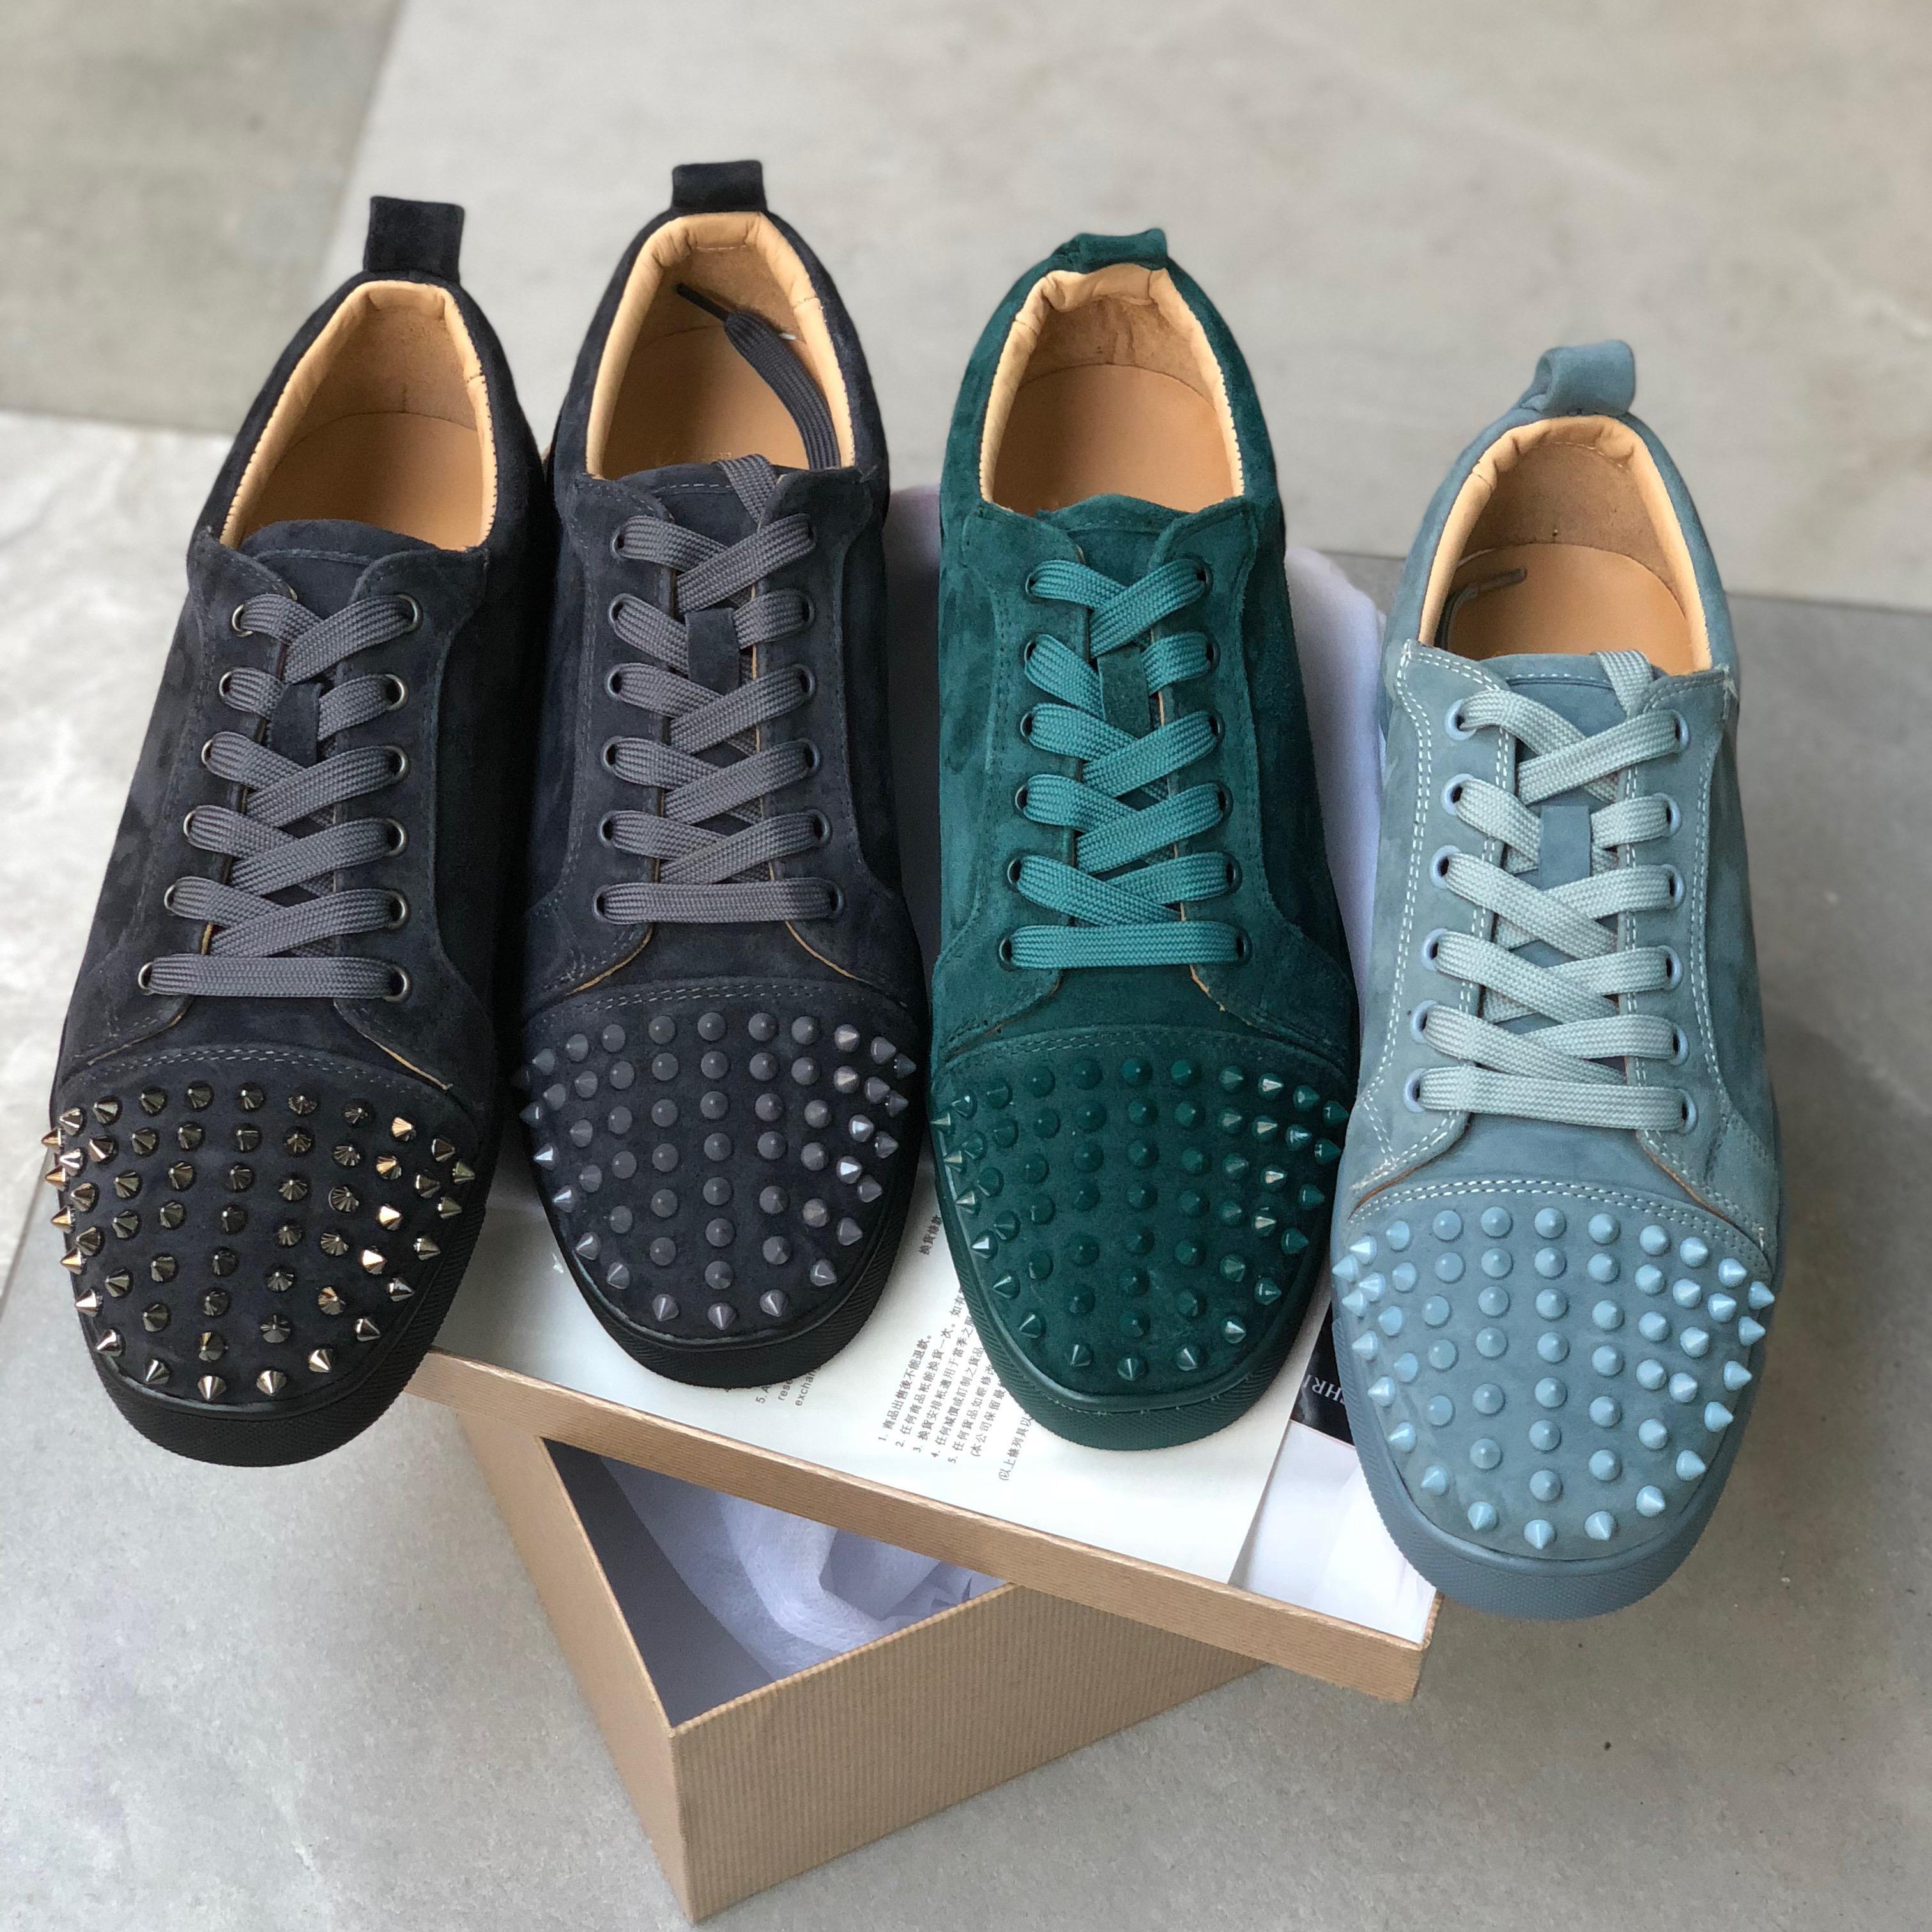 2021 Yeni Moda Kırmızı Alt Ayakkabı Çivili Dikenler Sneakers Mens Gerçek Deri Eğitmenler Parti Ayakkabı Kış Casual Ayakkabı Deri Spor ayakkabılar